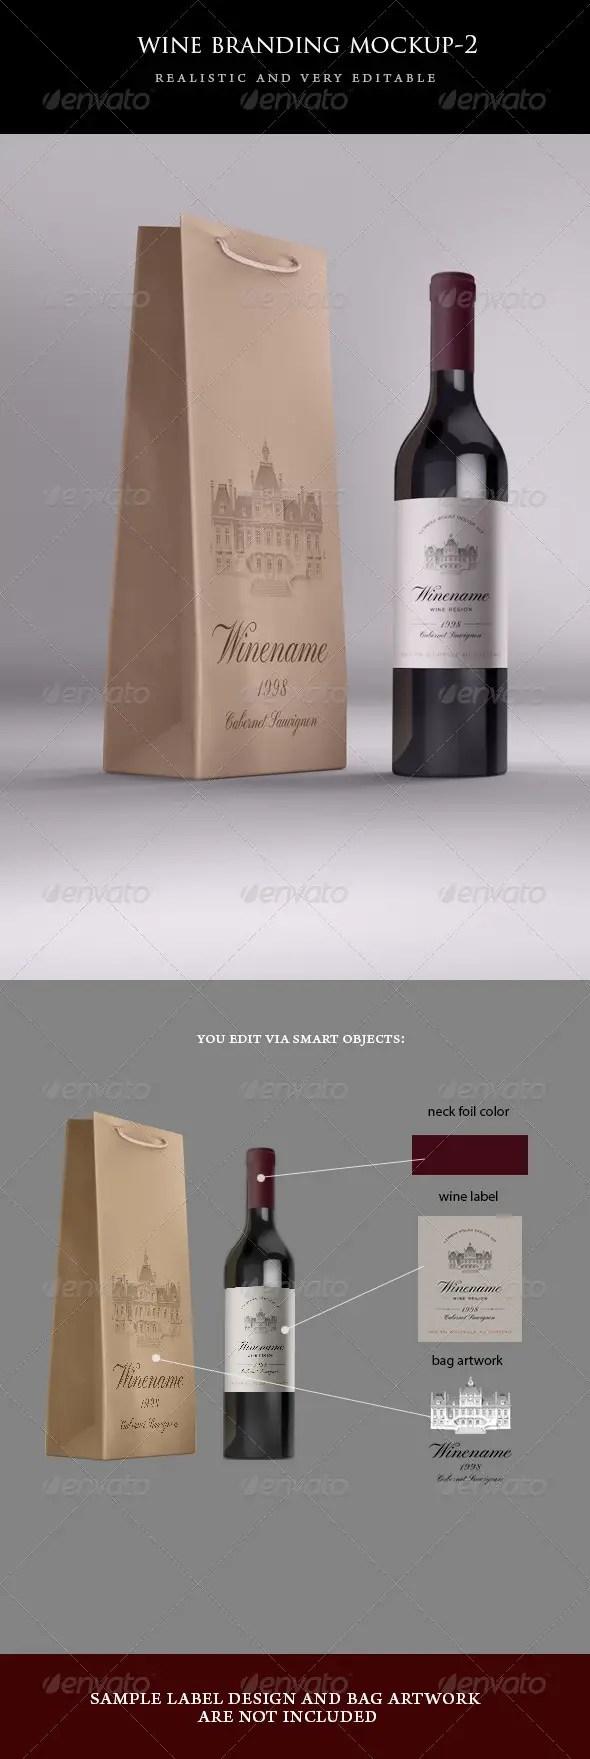 Wine Bag and Bottle Mockup